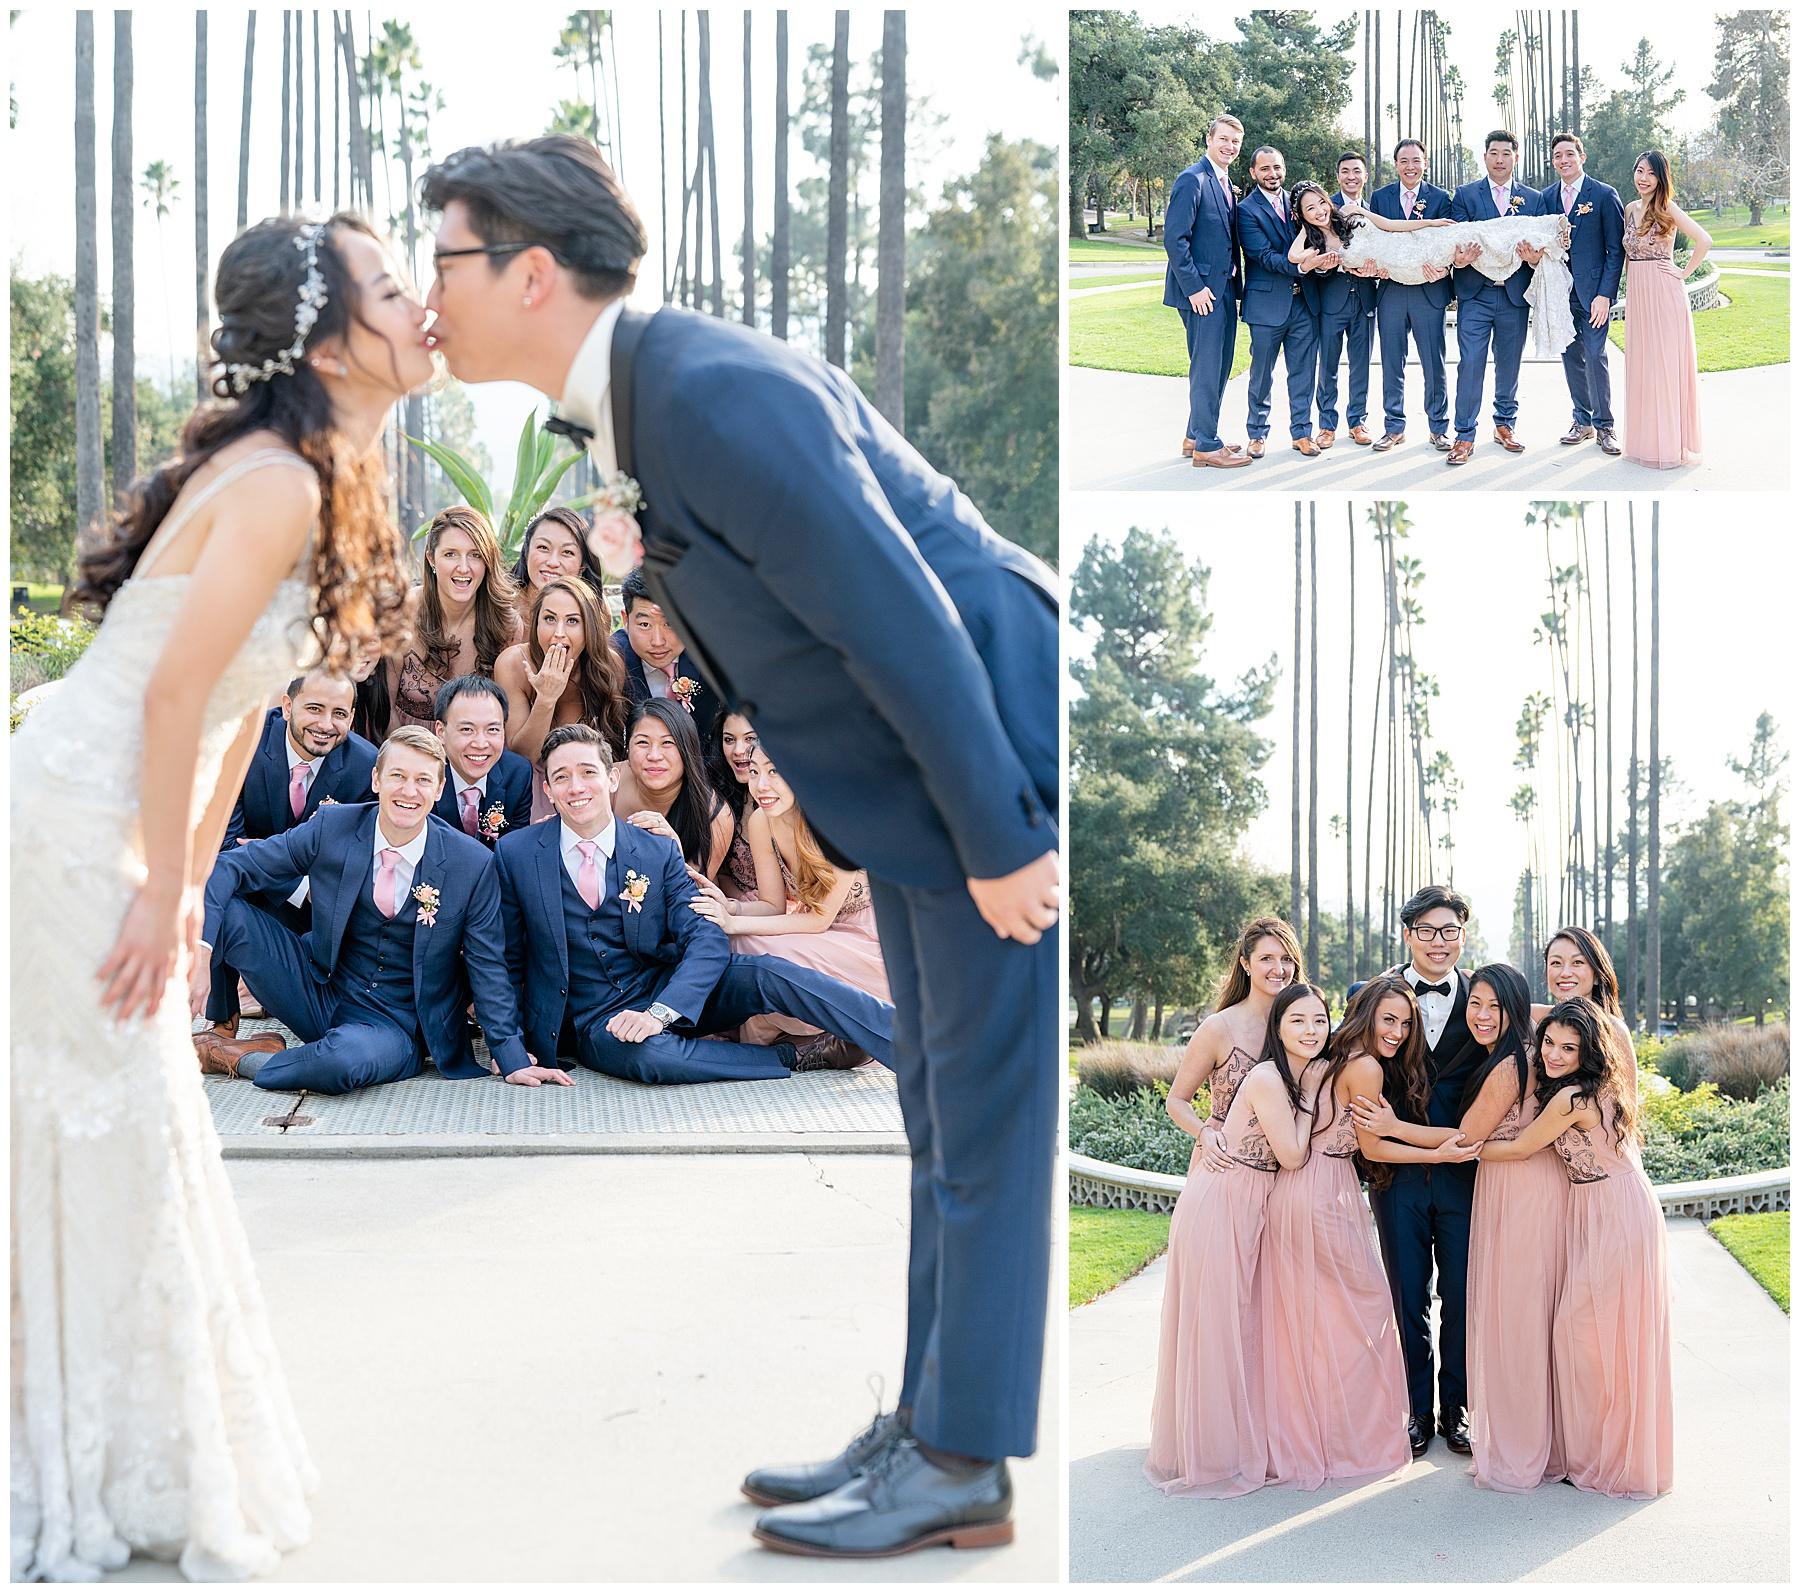 brand park fun wedding party photos